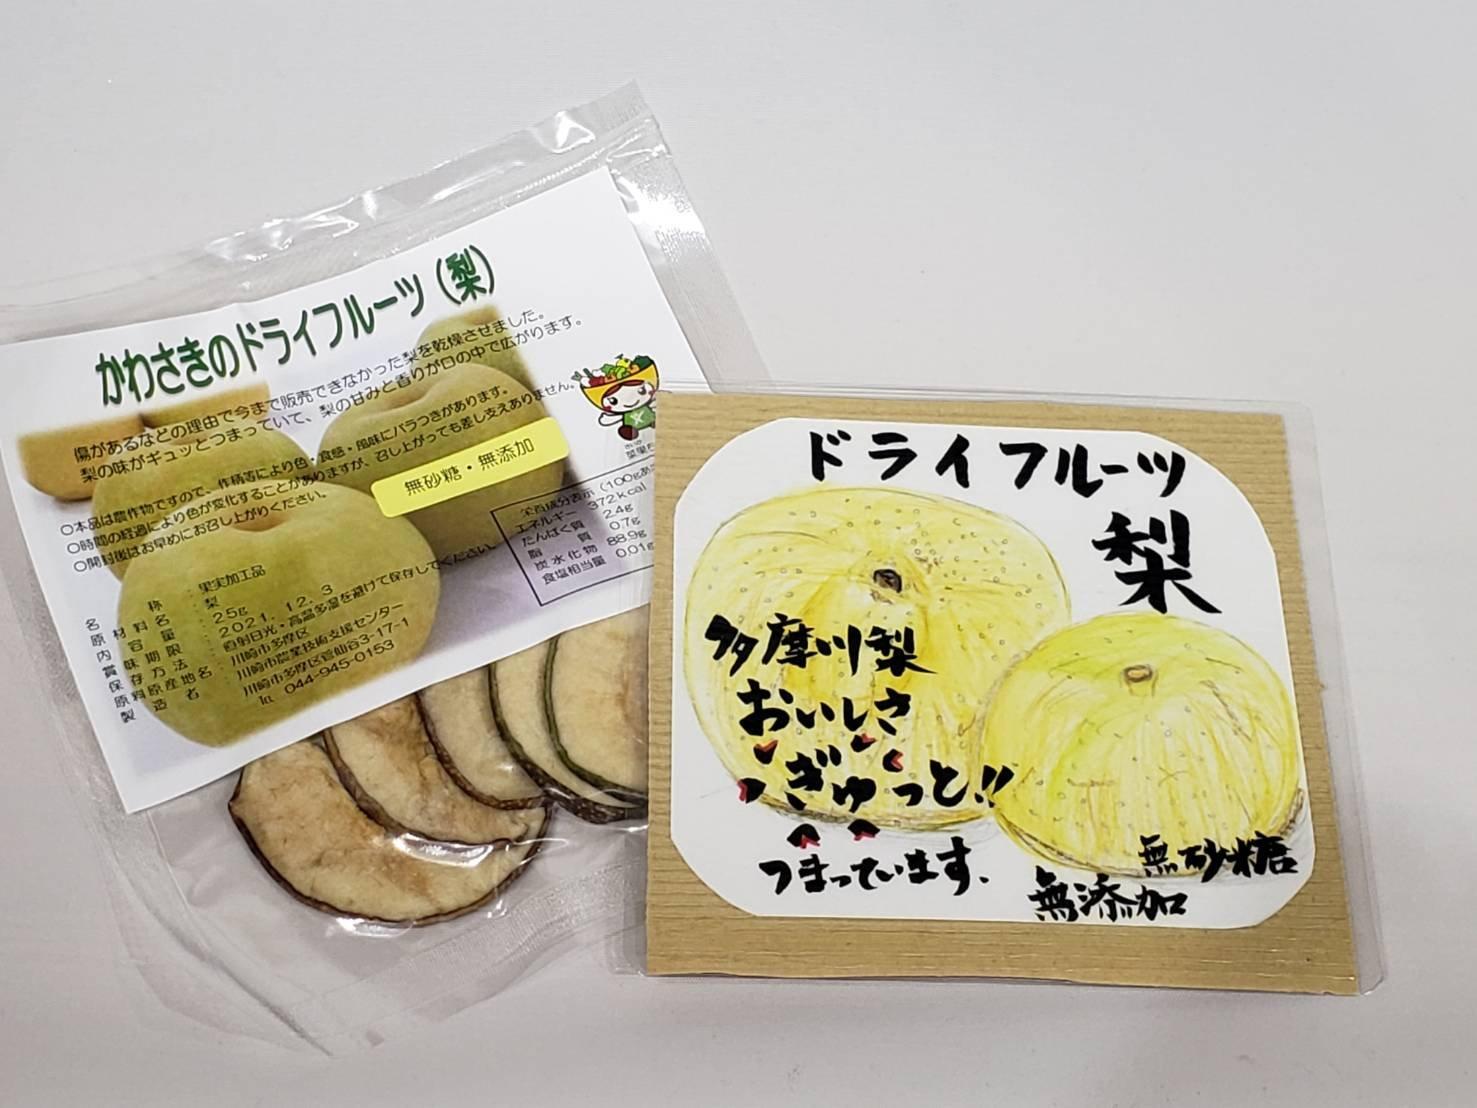 かわさきのドライフルーツ(梨)・25g入り280円